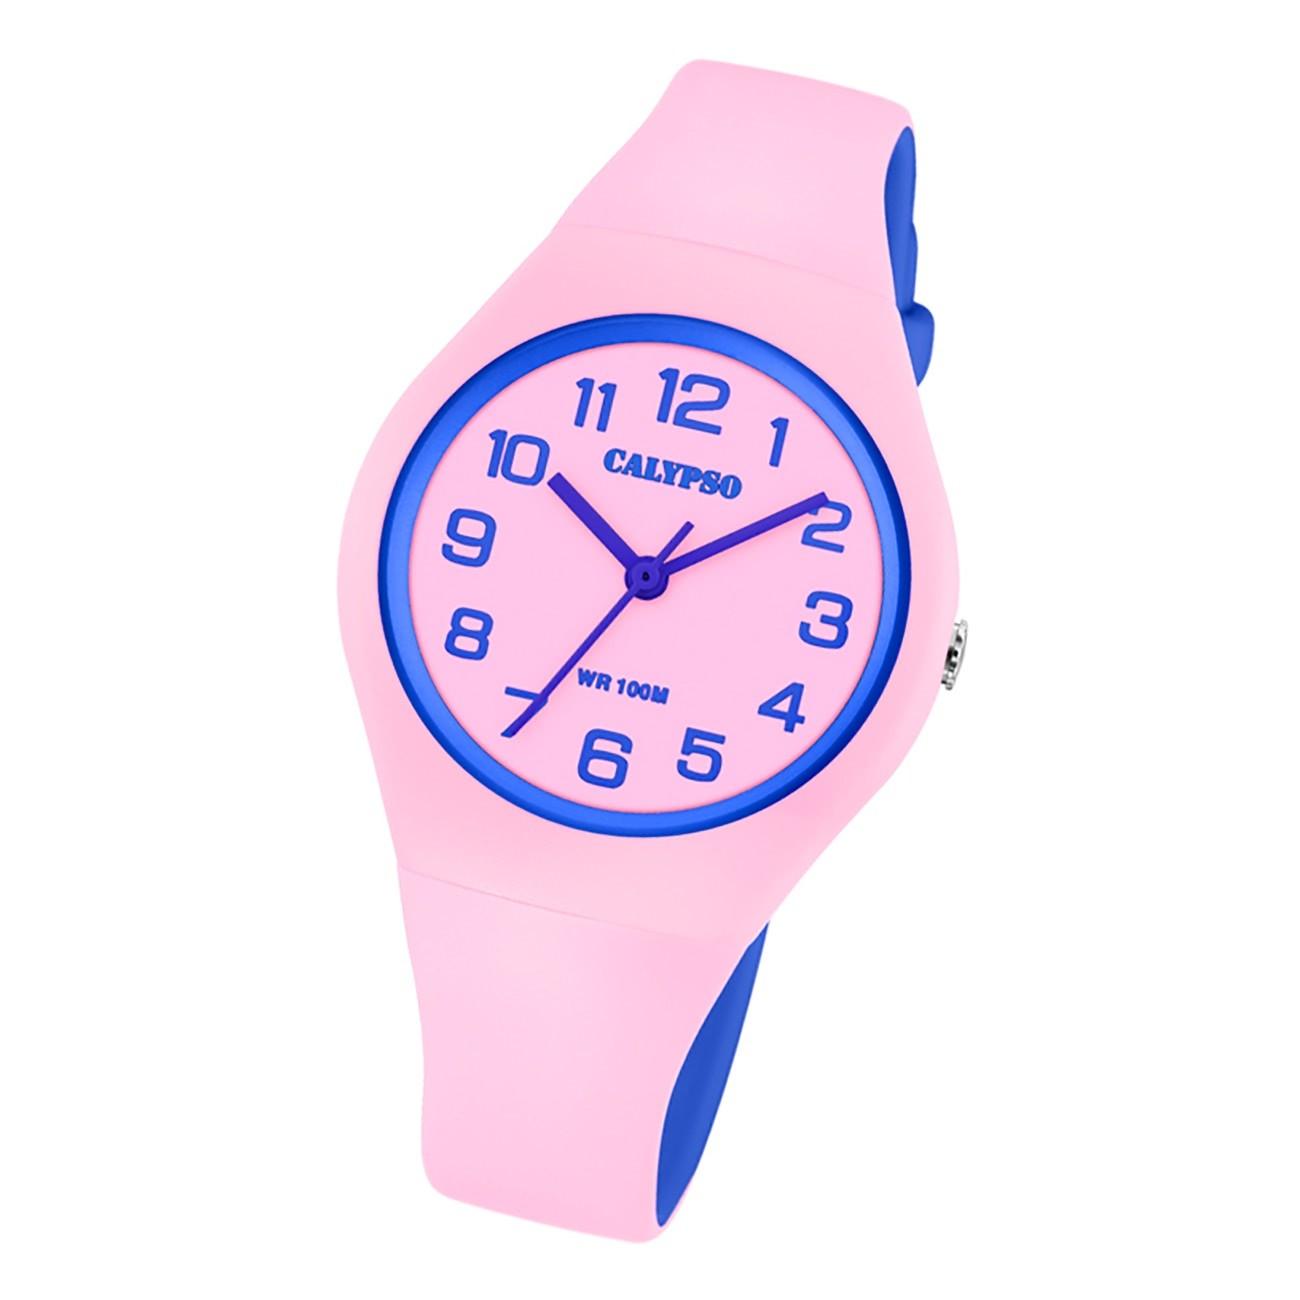 Calypso Damen Jugend Armbanduhr Fashion K5777/1 Analog Kunststoff rosa UK5777/1